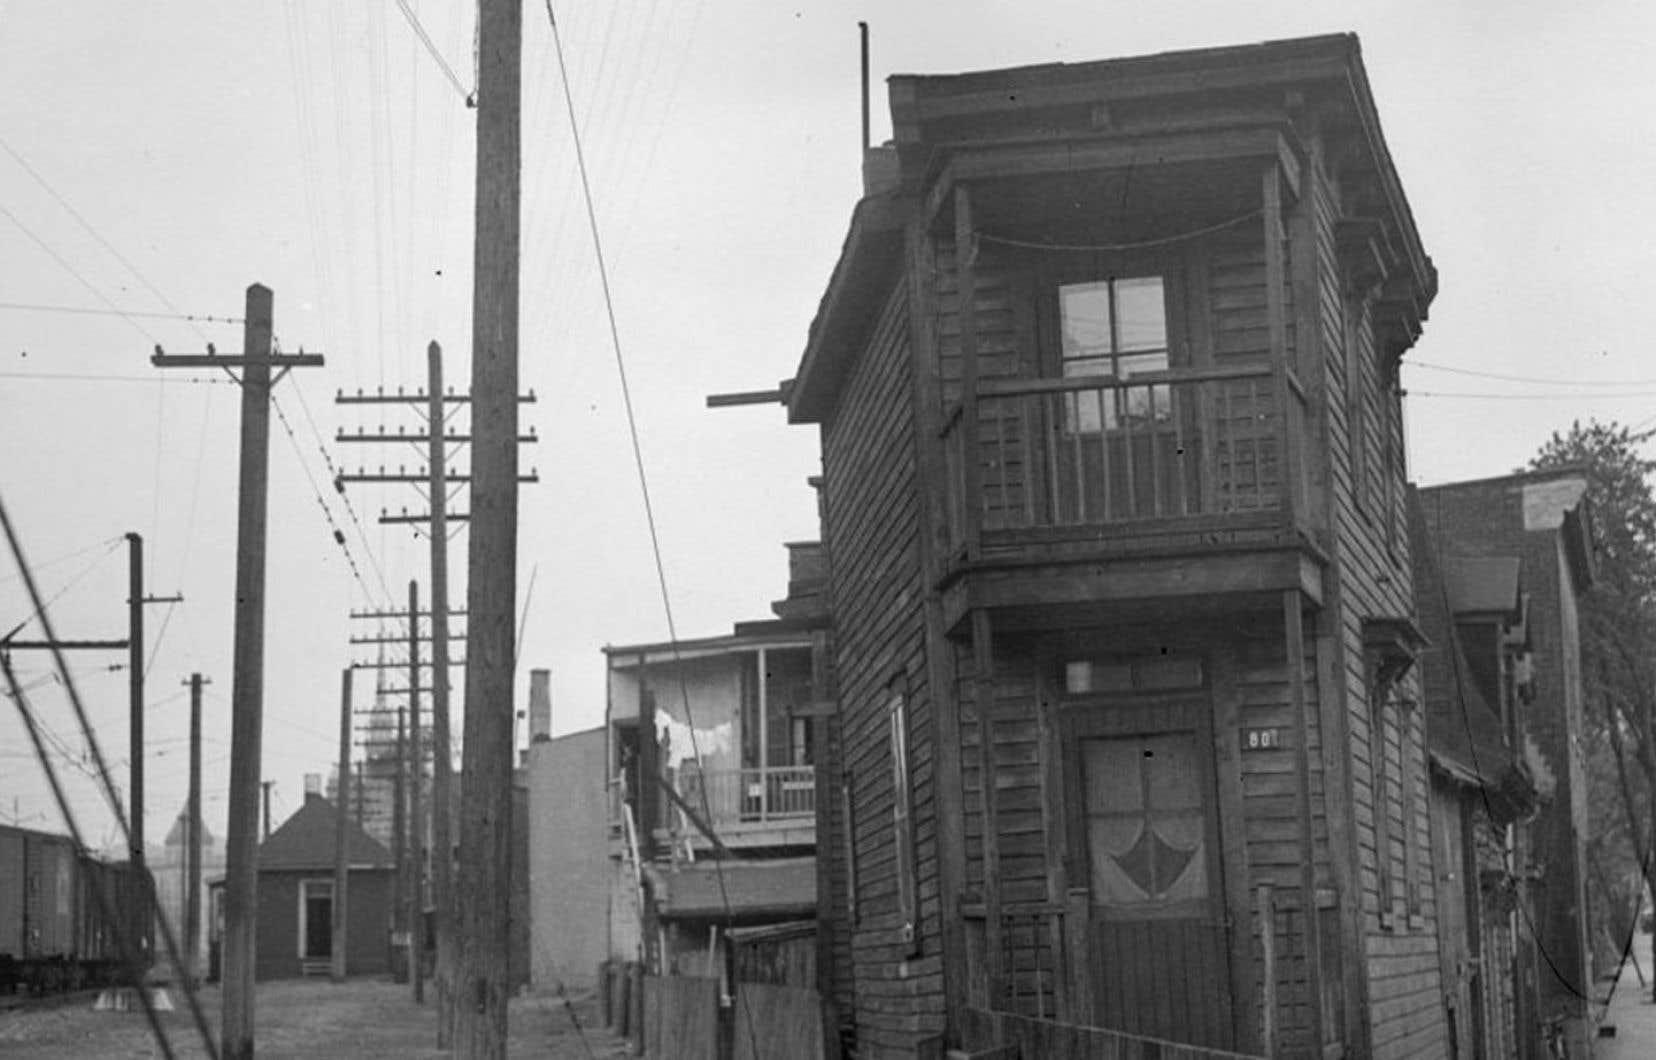 Nous voyons une maison de la rue Saint-Augustin dans le quartier Saint-Henri à Montréal. Cette maison est décrite dans le roman «Bonheur d'occasion» de Gabrielle Roy.